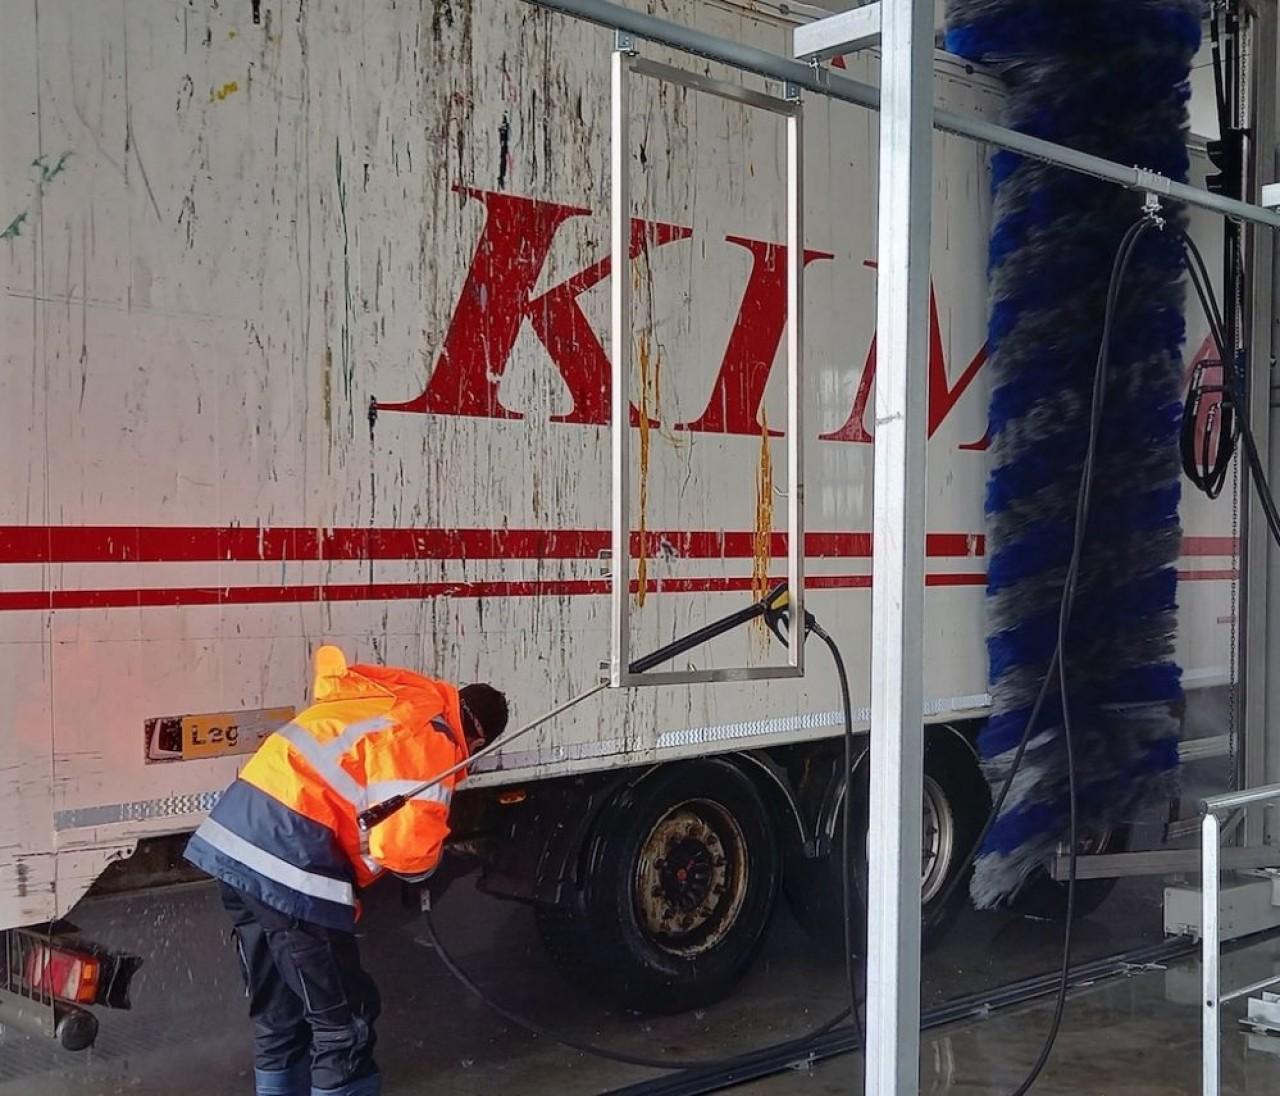 Constatant le manque de parkings sécurités et aires de servces complètes pour les poids lourds, les Transports Kimmel viennent d'installer une aire de services sur l'A4, avec notamment une station de lavage (en photo). © Mathieu Noyer